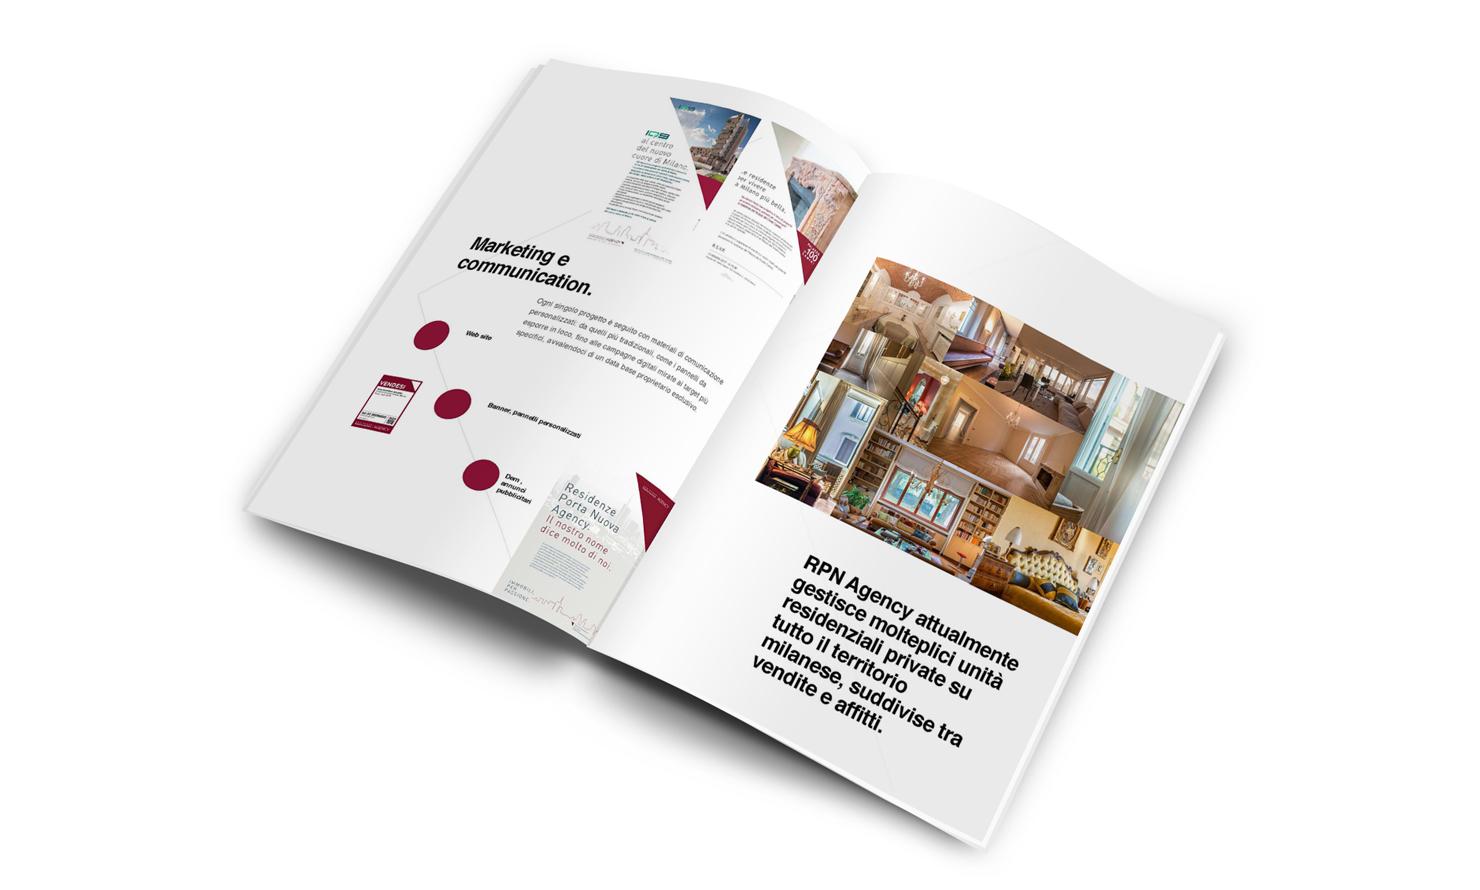 https://www.kubelibre.com/uploads/Slider-work-tutti-clienti/residenze-porta-nuova-agency-il-nostro-nome-dice-molto-di-noi-3.jpg